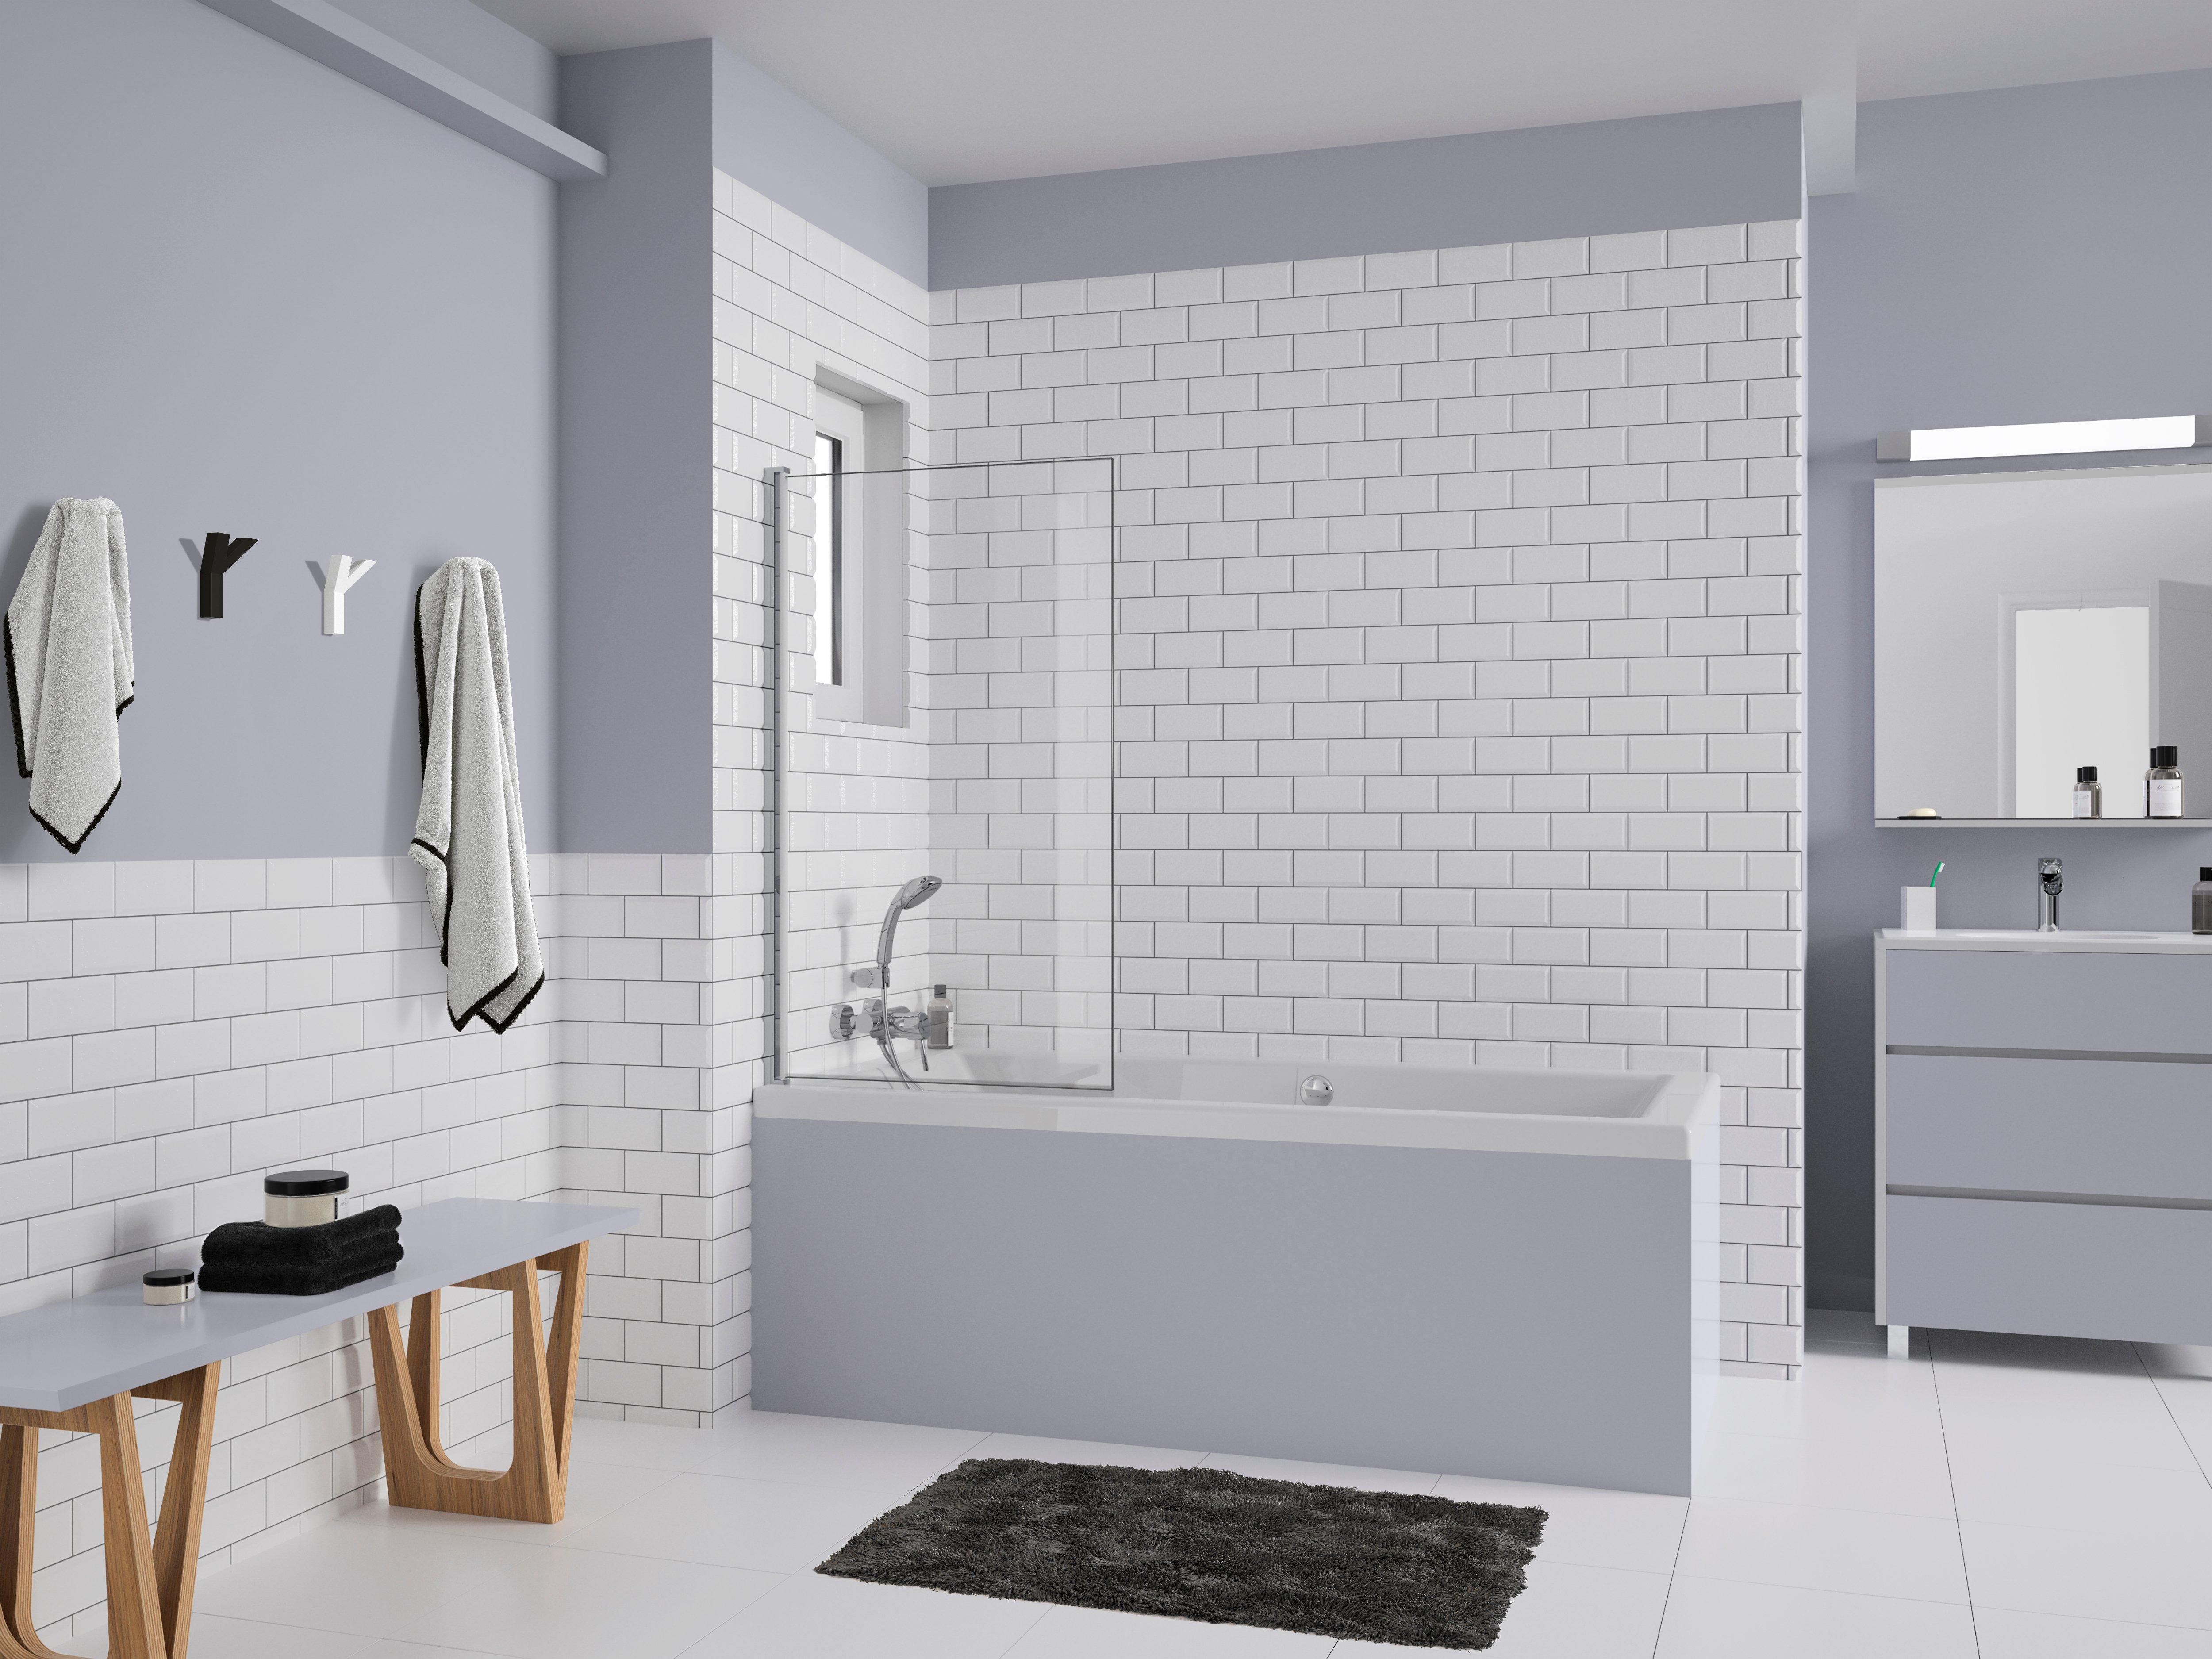 Kinemagic badkamer voor